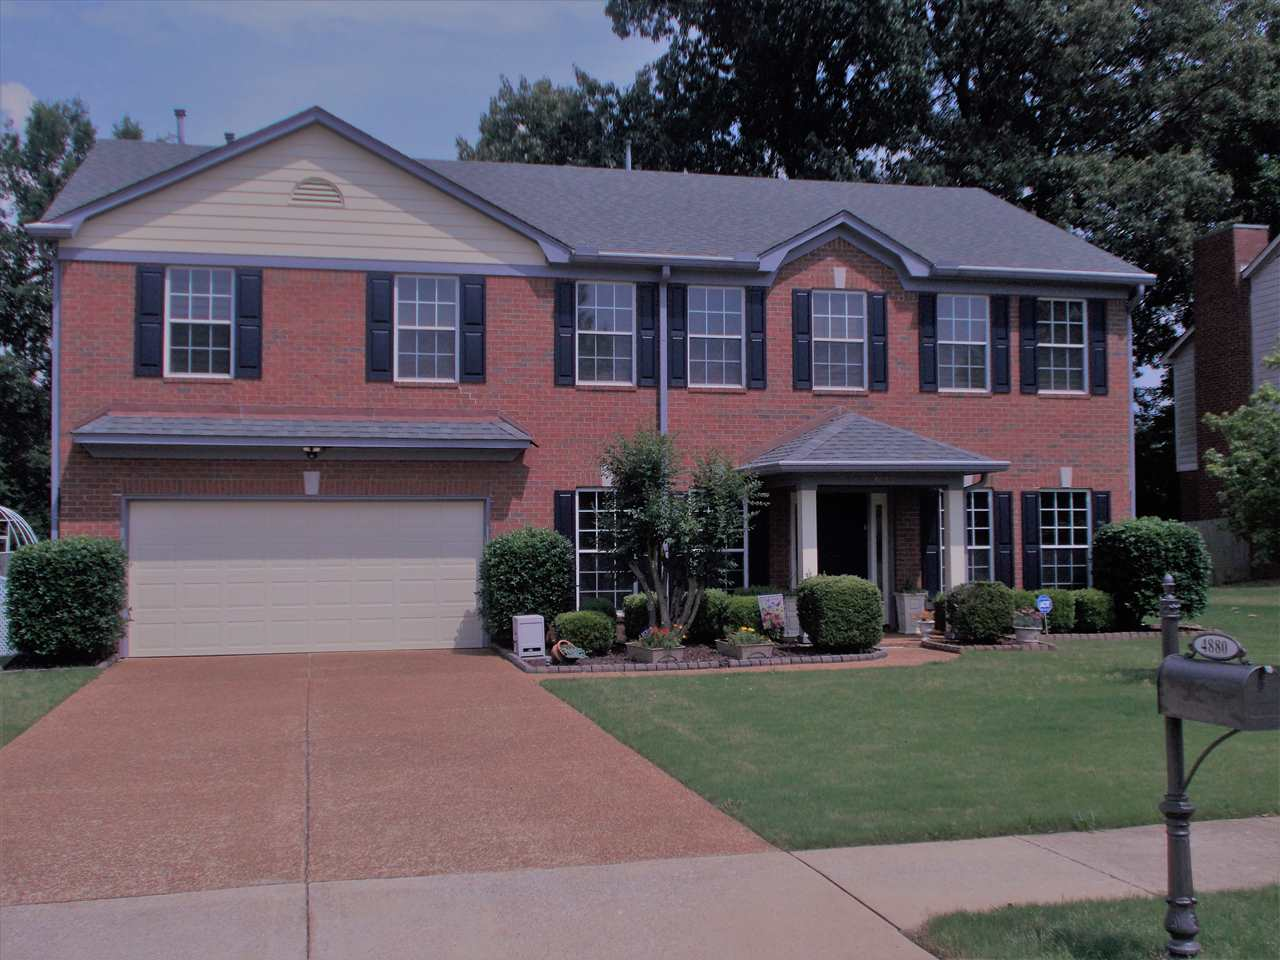 4880 Duck River Bartlett, TN 38135 - MLS #: 10027676